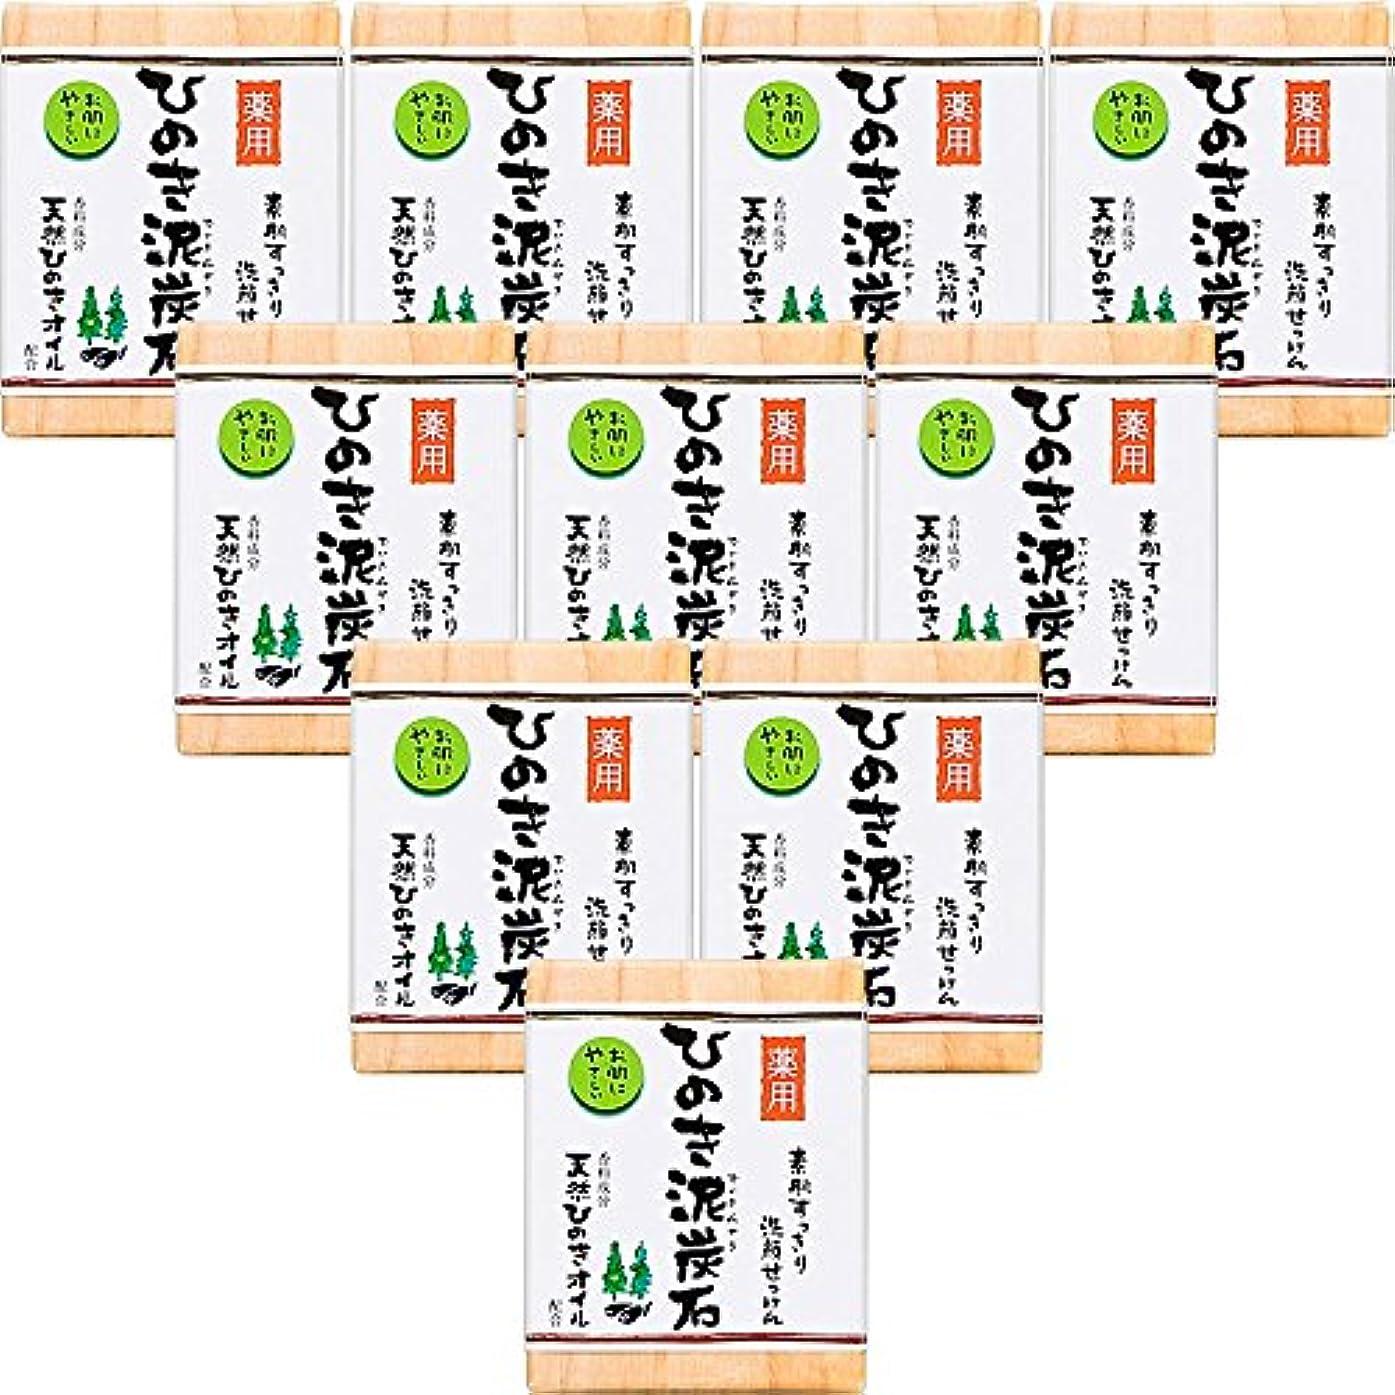 ストライクポンド一貫した薬用 ひのき泥炭石 洗顔せっけん (75g×10個) 石けん [天然ひのきオイル配合] 肌荒れ防止